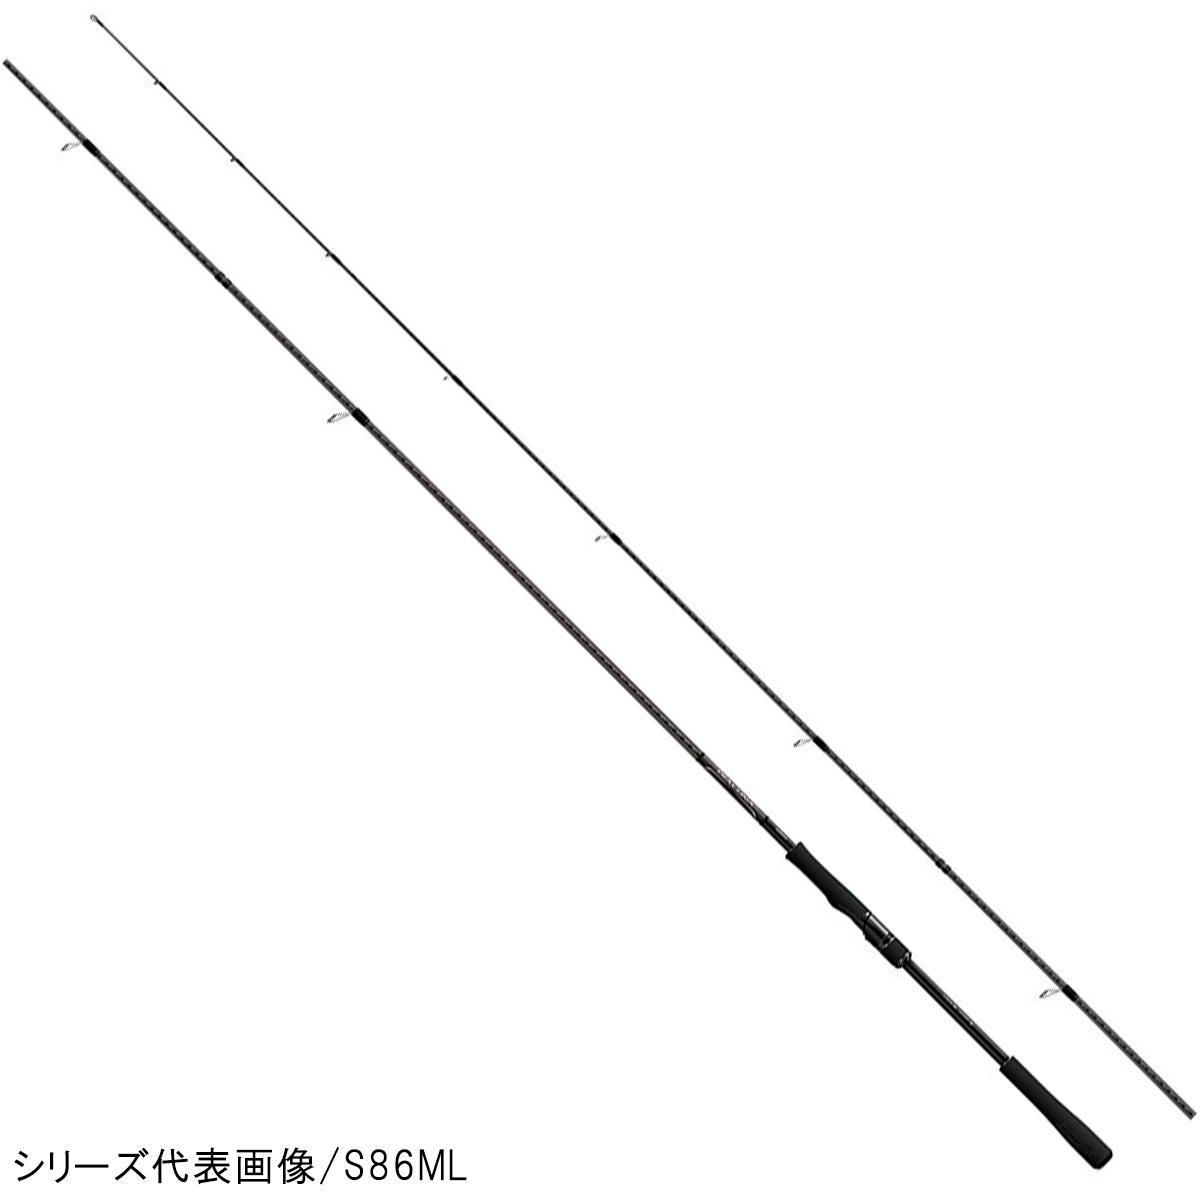 シマノ ディアルーナ (スピニング) S100MH【大型商品】(東日本店)